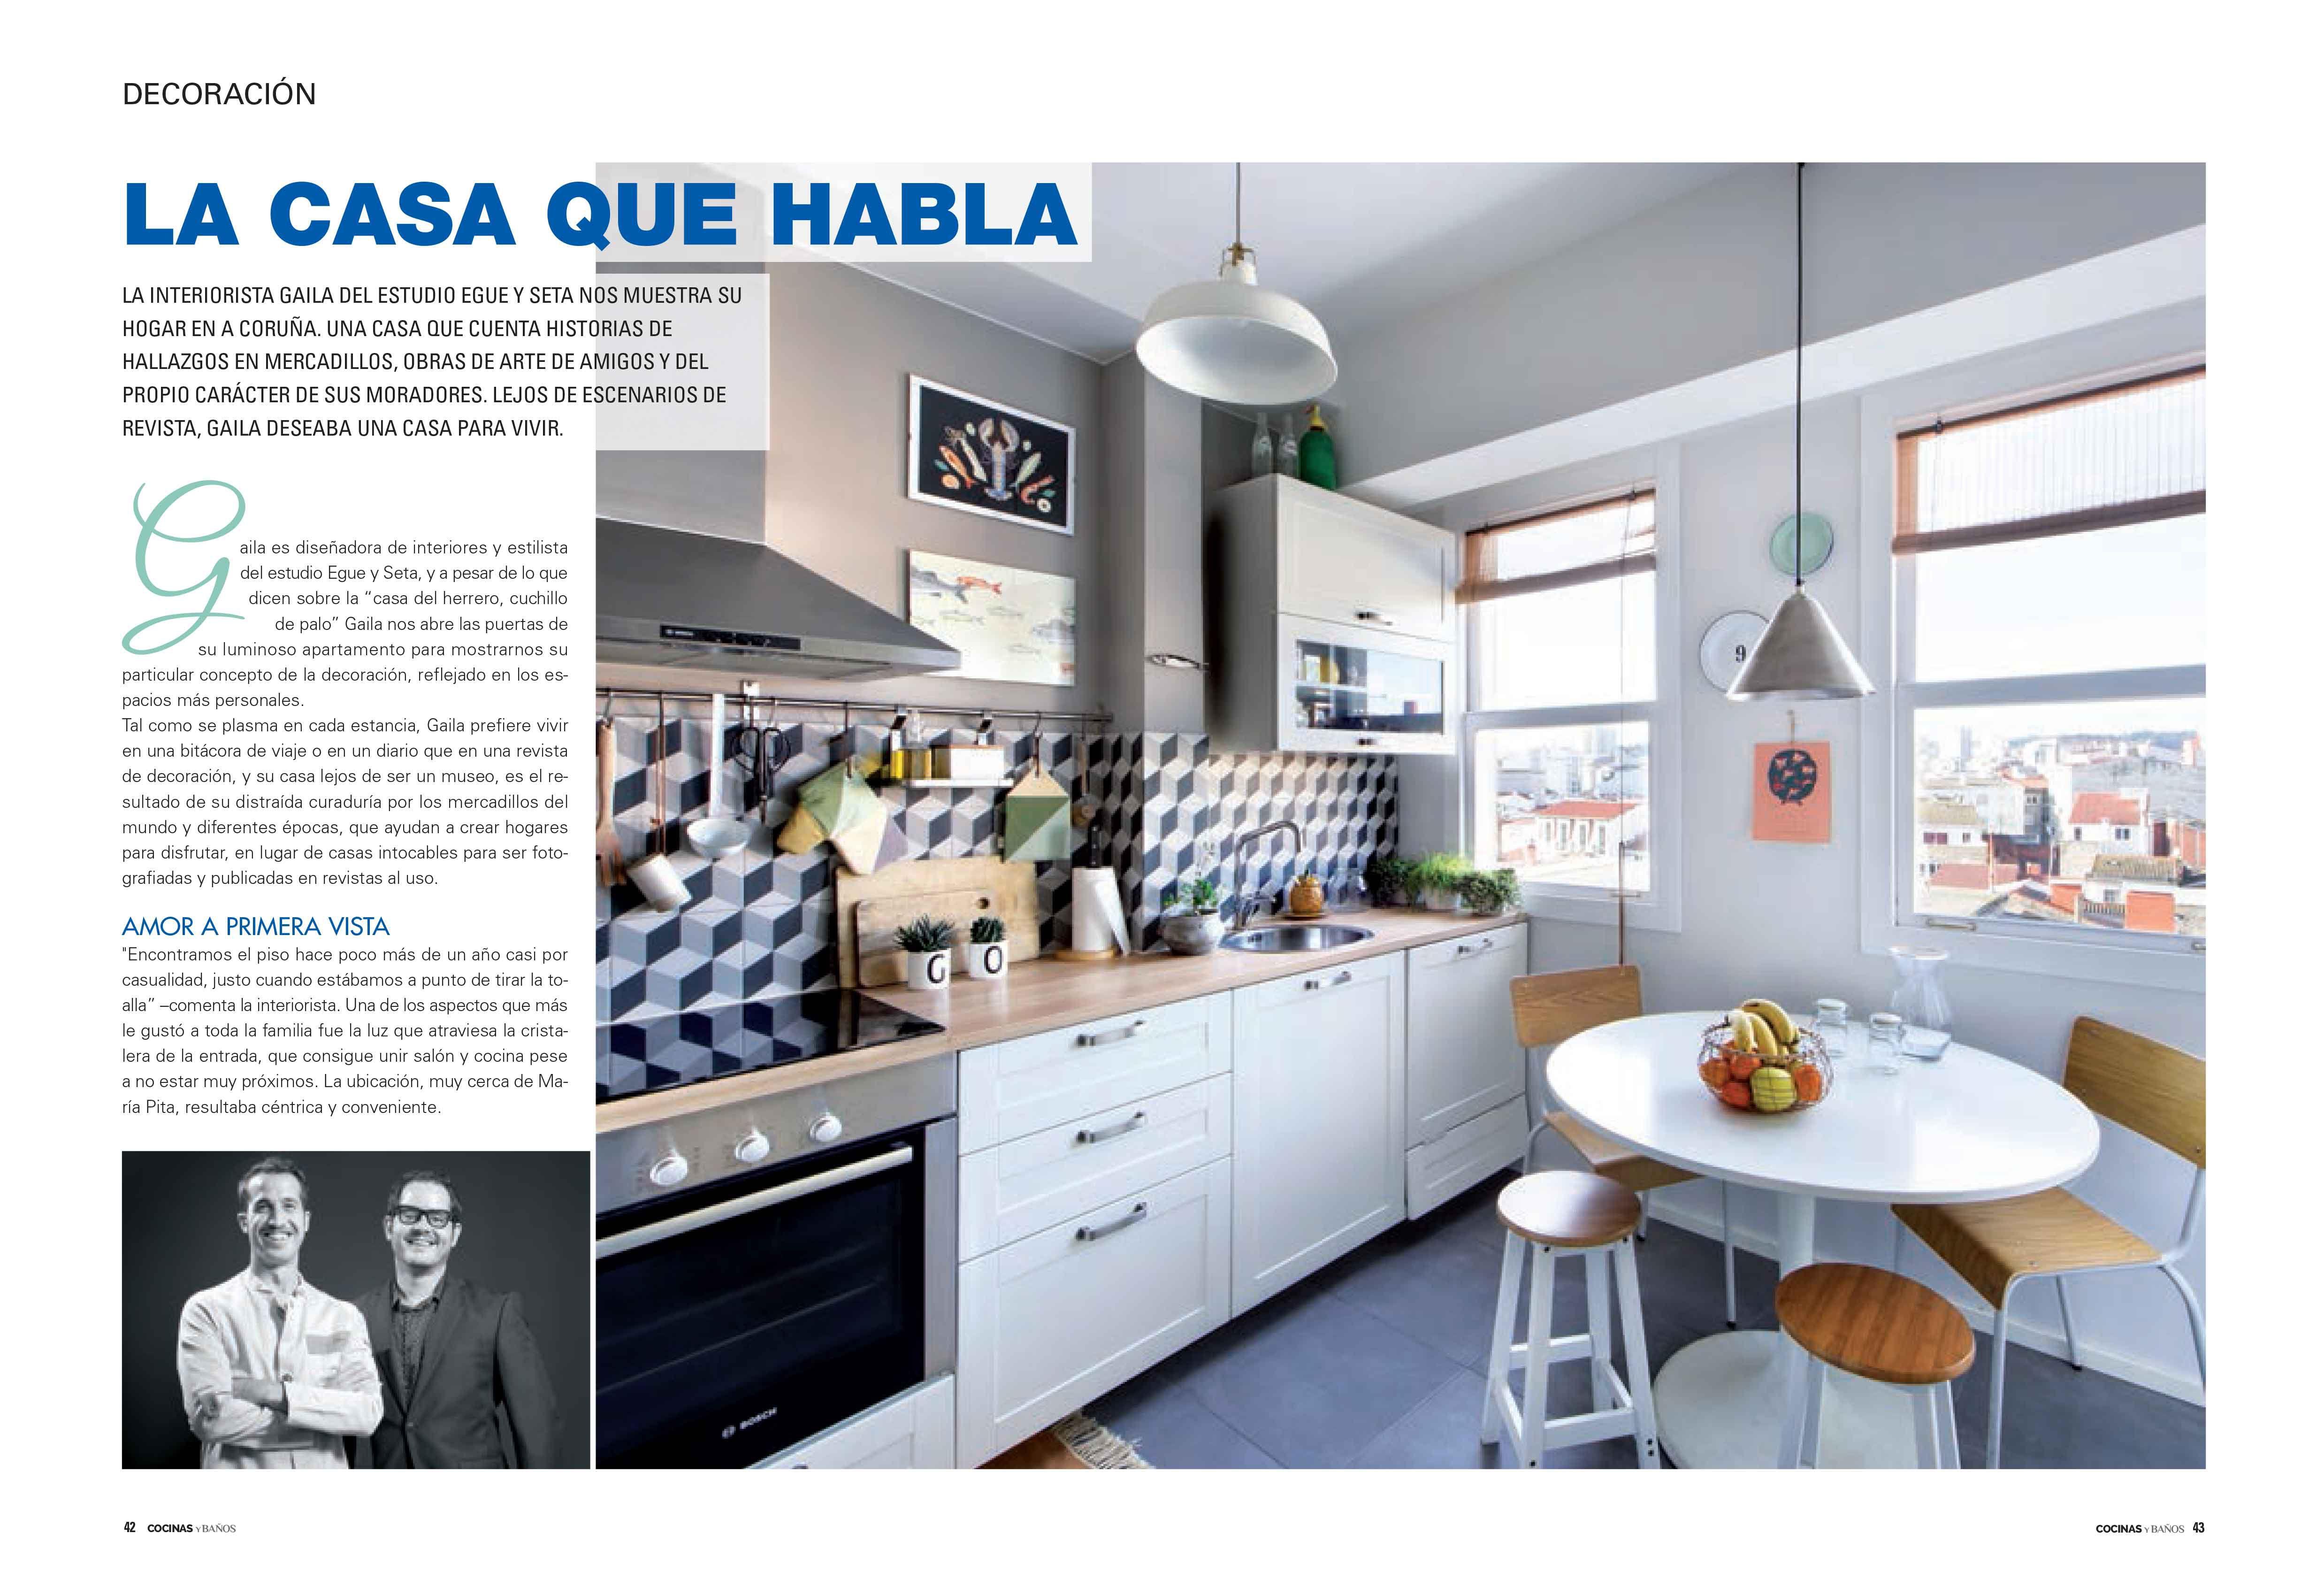 La-casa-que-habla_319-2